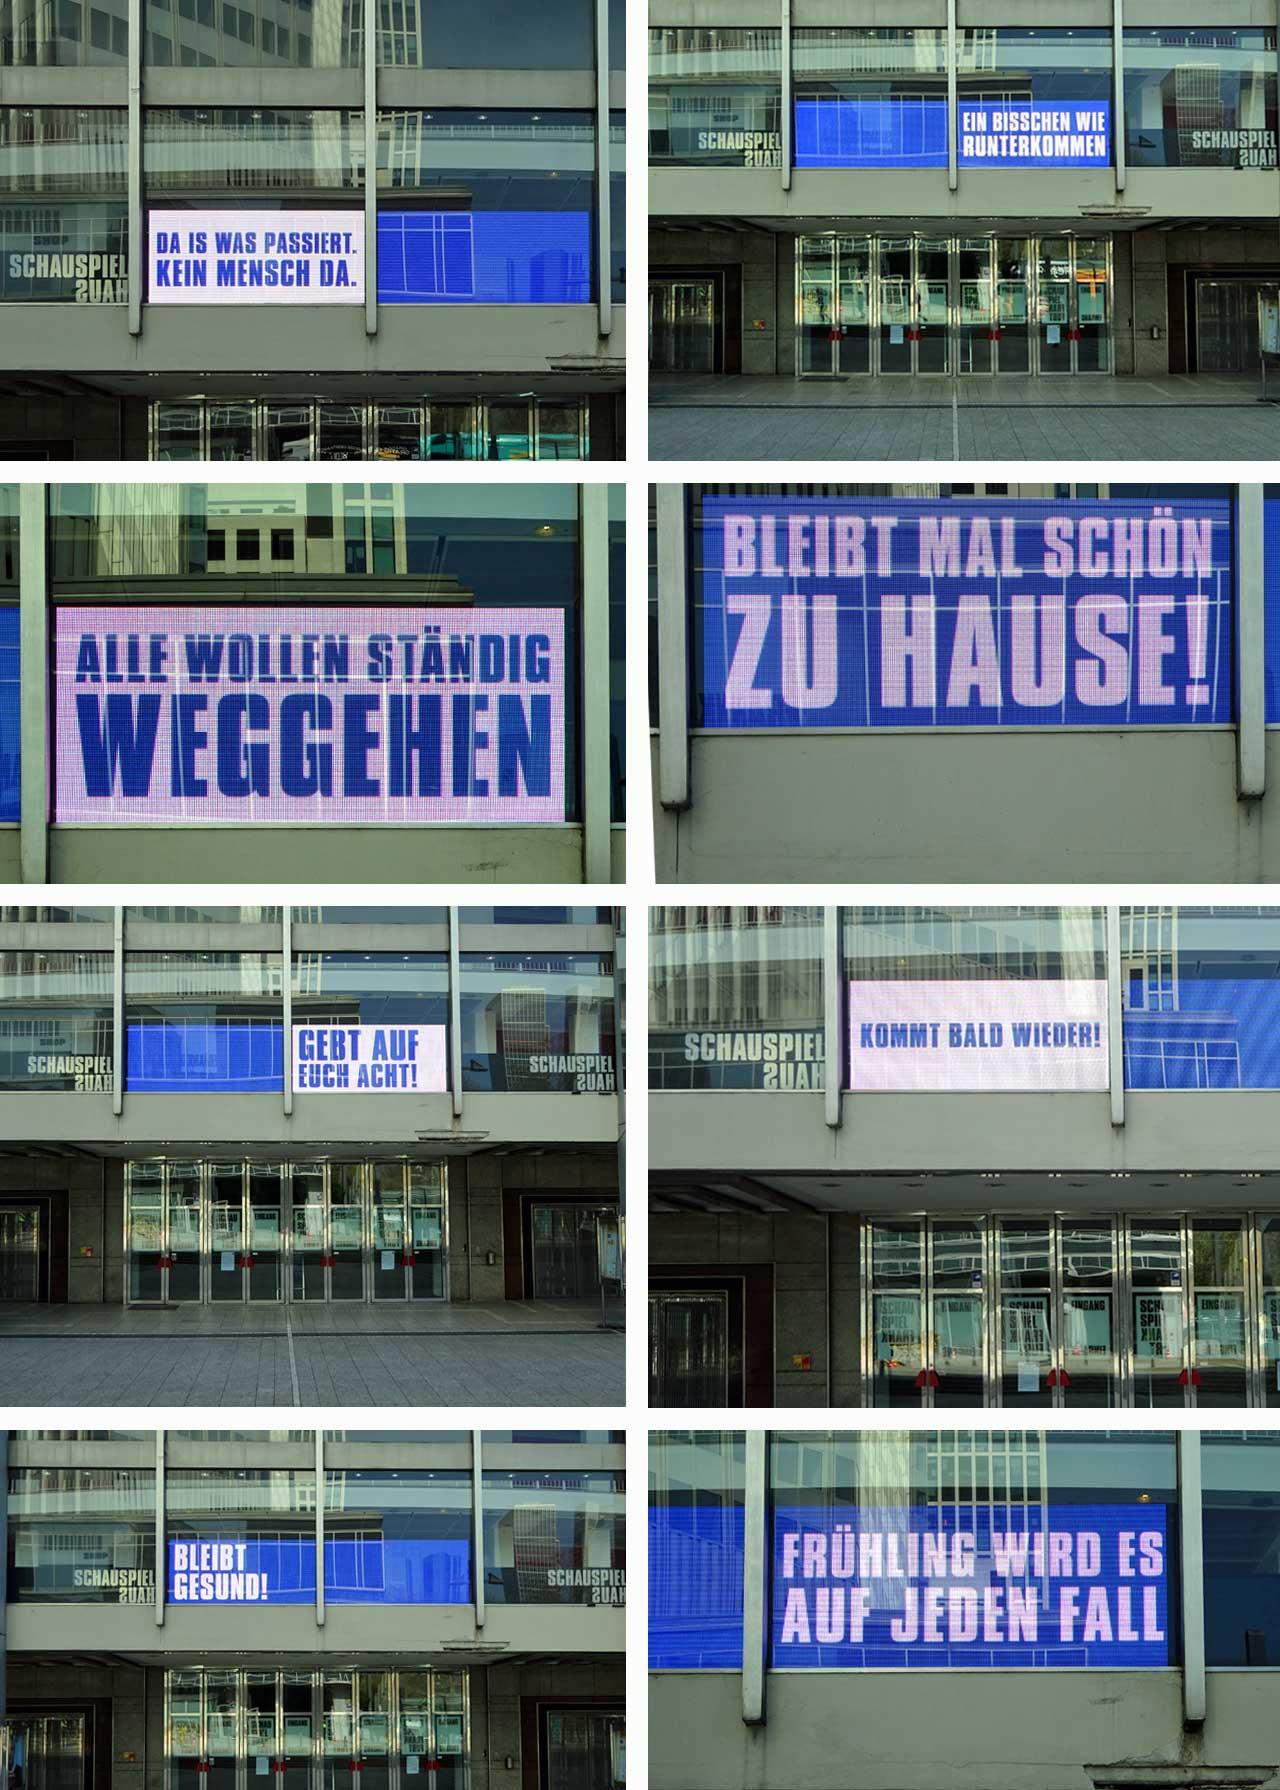 Cotona in Frankfurt - Botschaften beim Schauspiel Frankfurt am Willy-Brandt-Platz